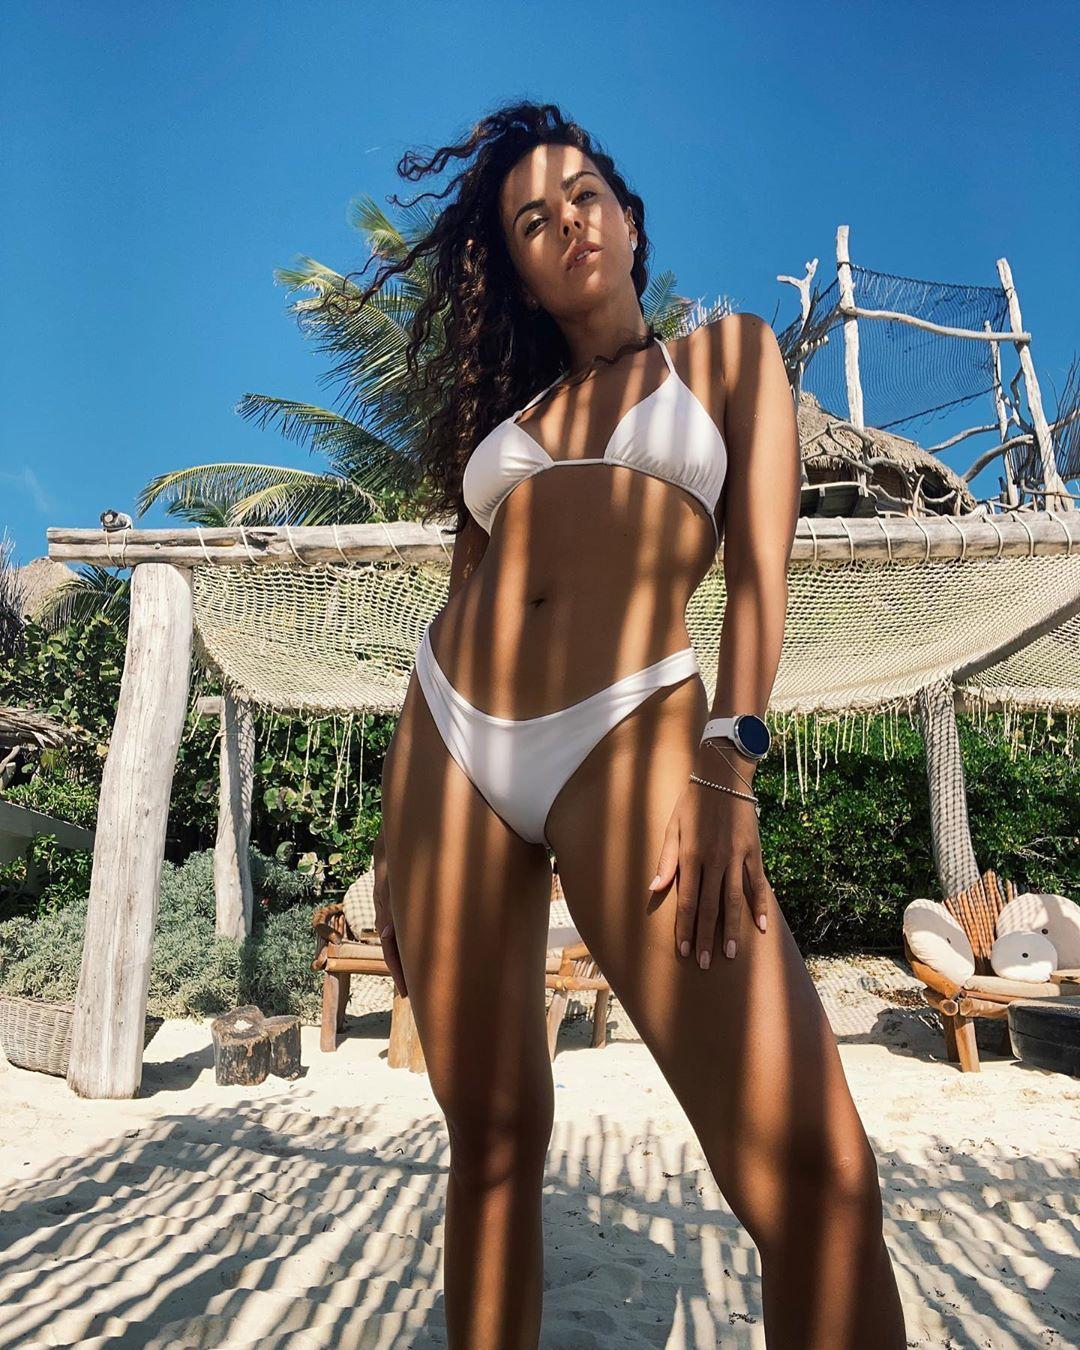 Каменских любит похвастаться своим телом / Instagram Настя Каменских